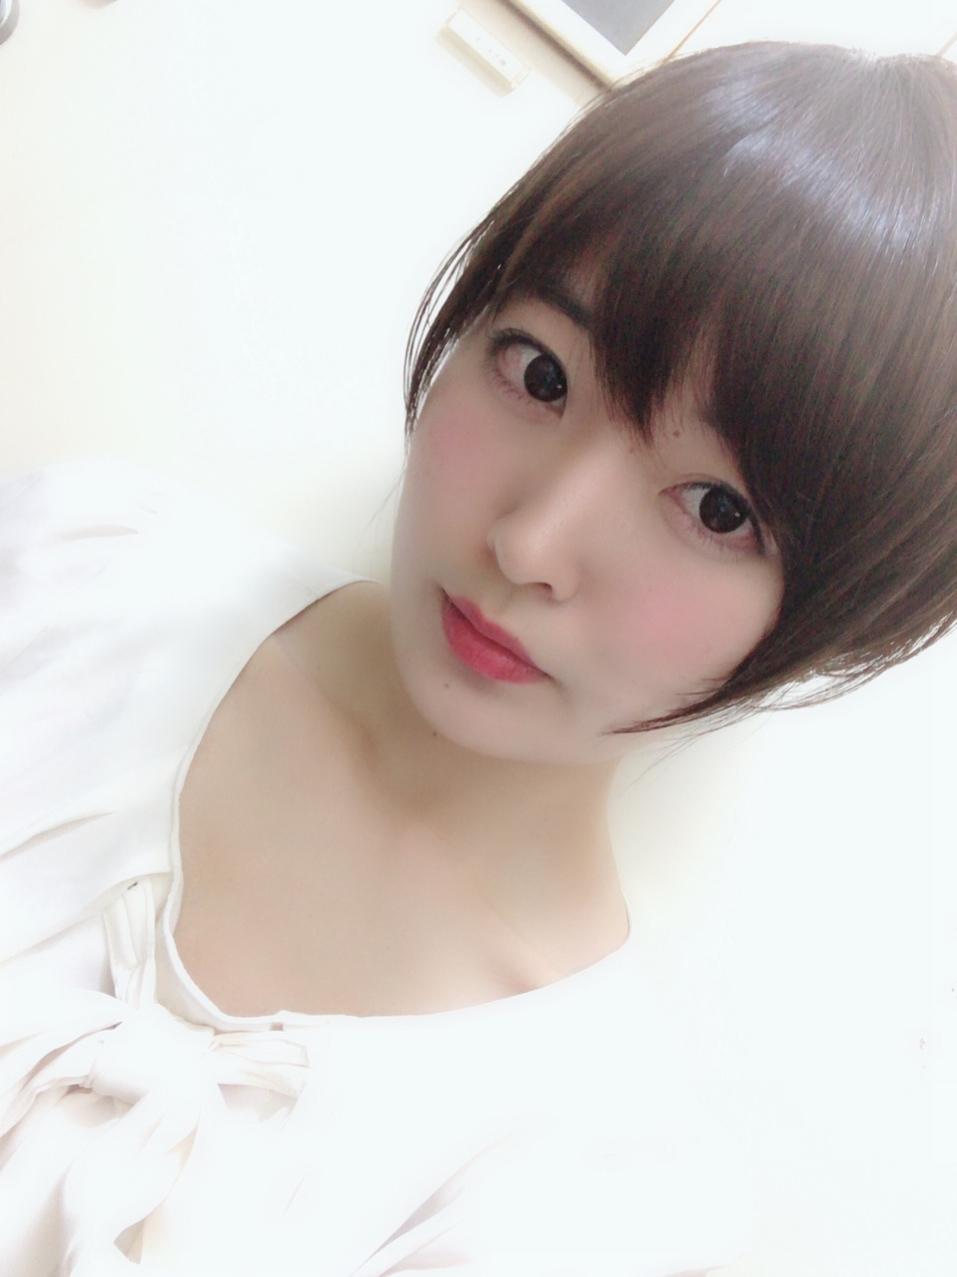 バッサリ〈ショートヘア〉にイメチェン!♡_1_2-1